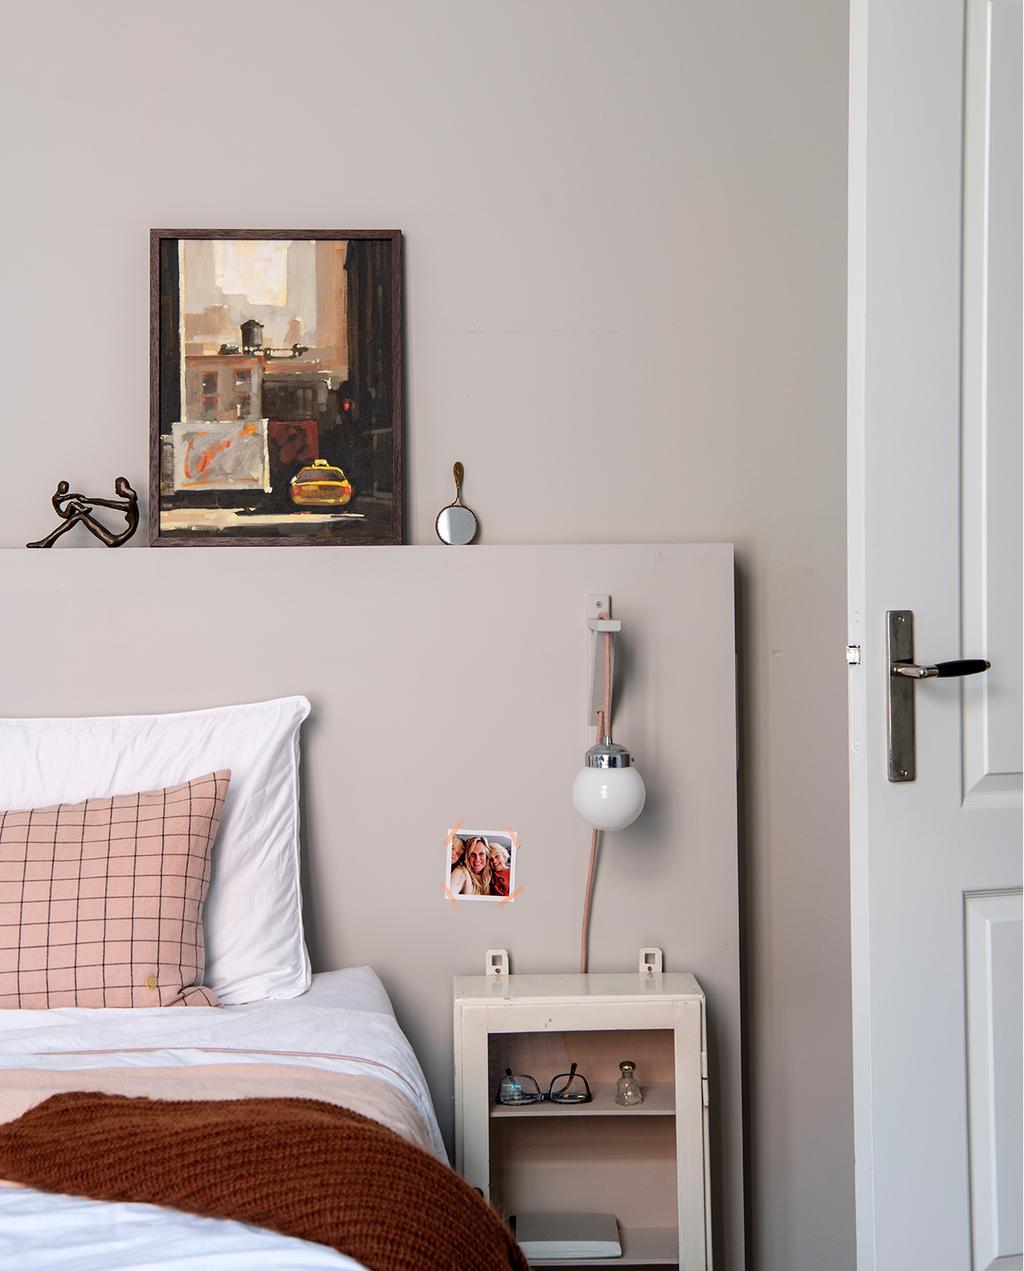 vtwonen 03-2020 | slaapkamer roze aarde tinten gekleurd bedlinnen